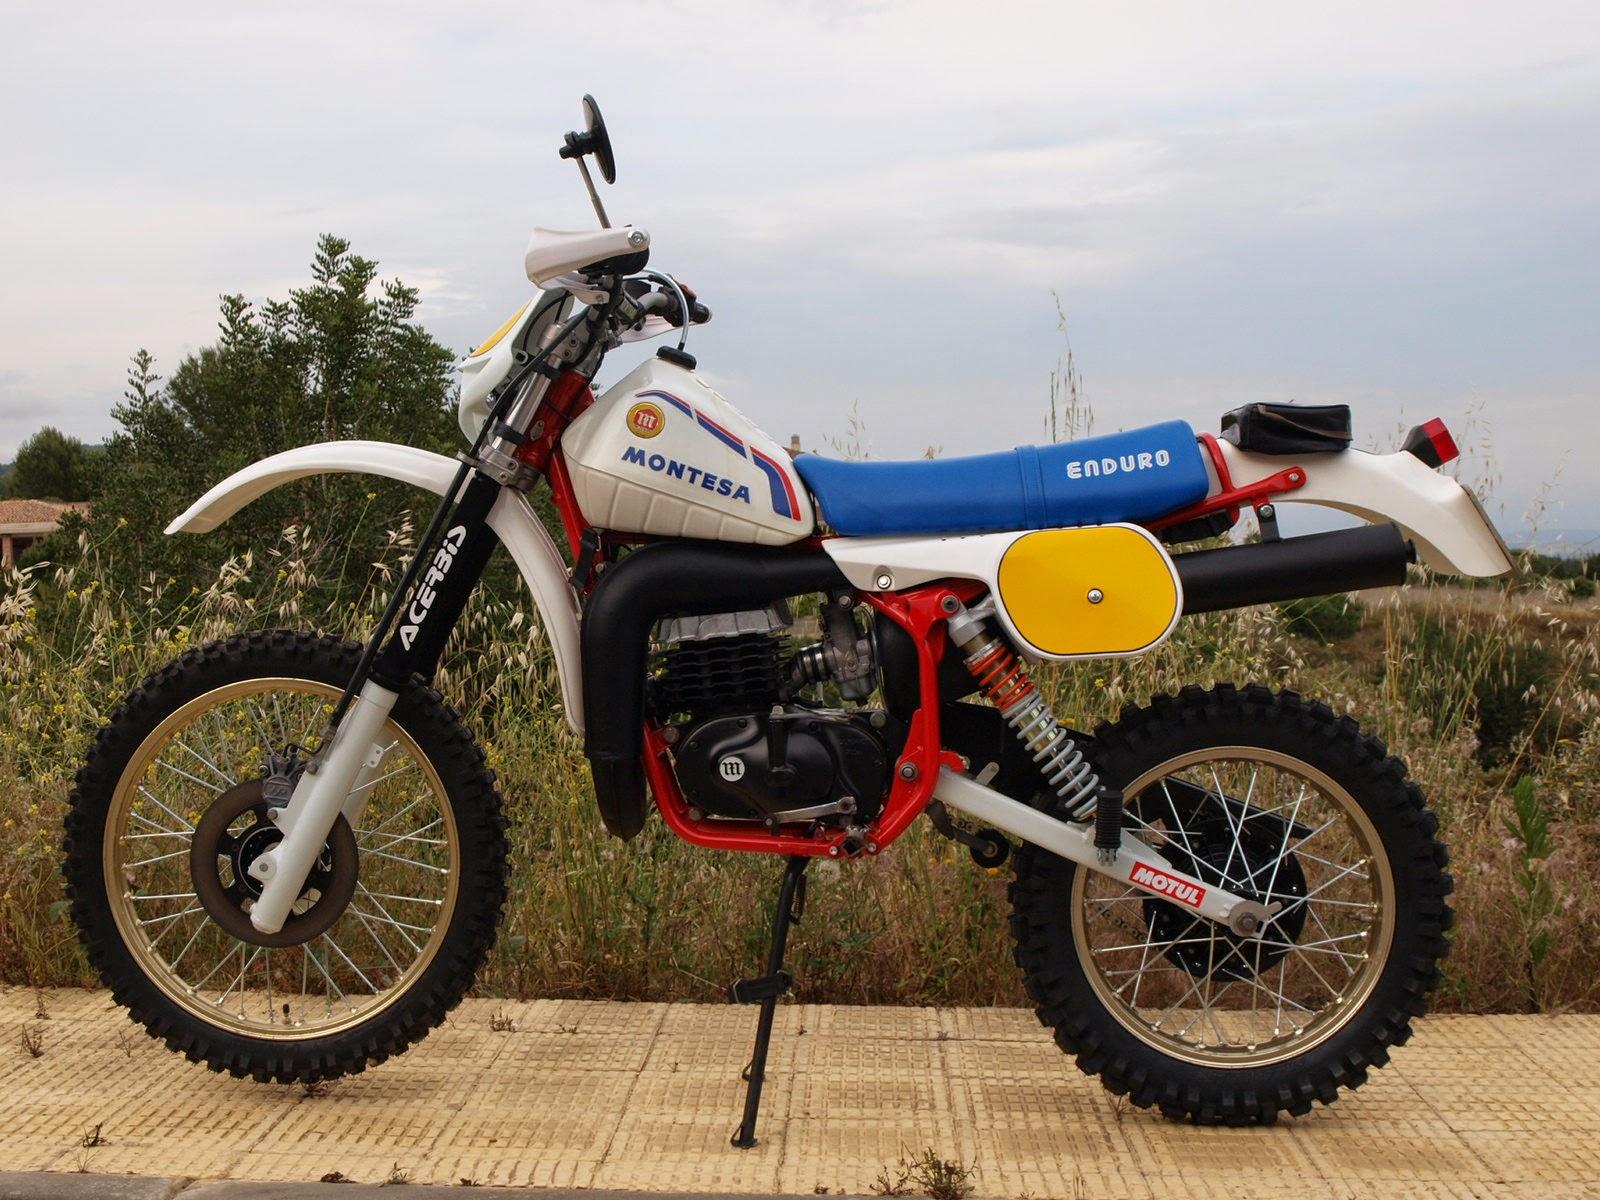 Montesa Enduro 360 H7 Carlos Mas 15ejrdu